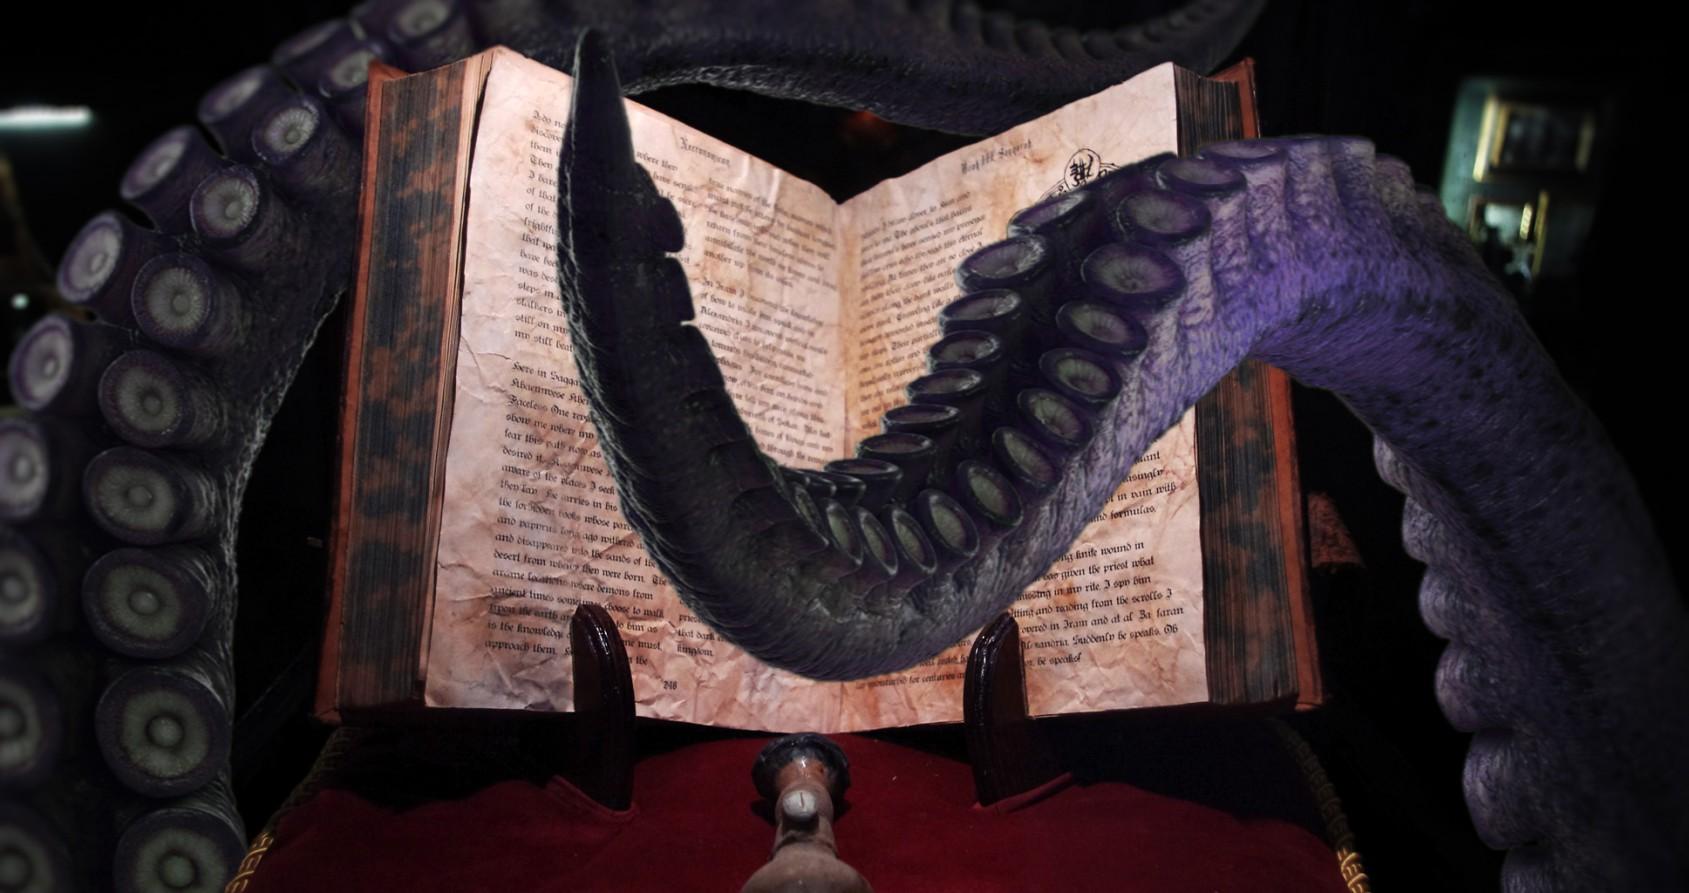 31 histoires de sorcellerie bien réelles à faire pâlir Lord Voldemort